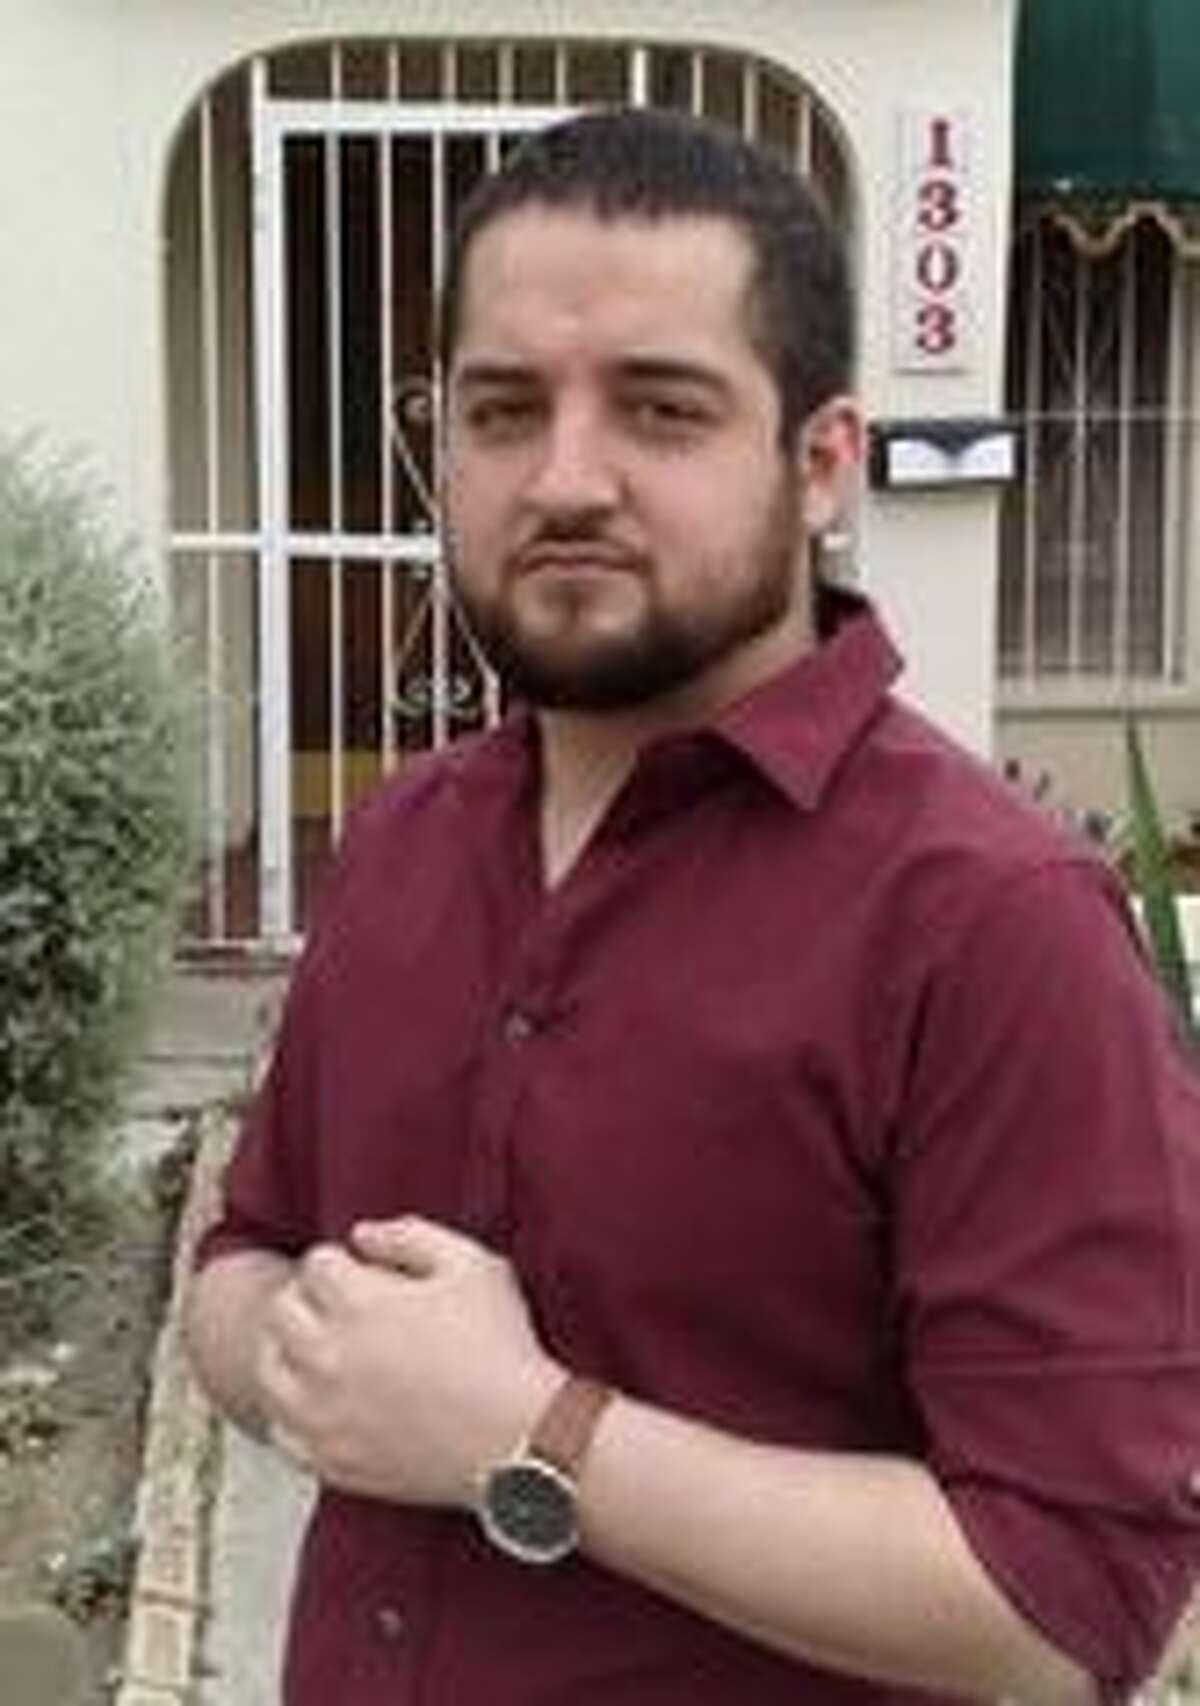 Alexander Castillo